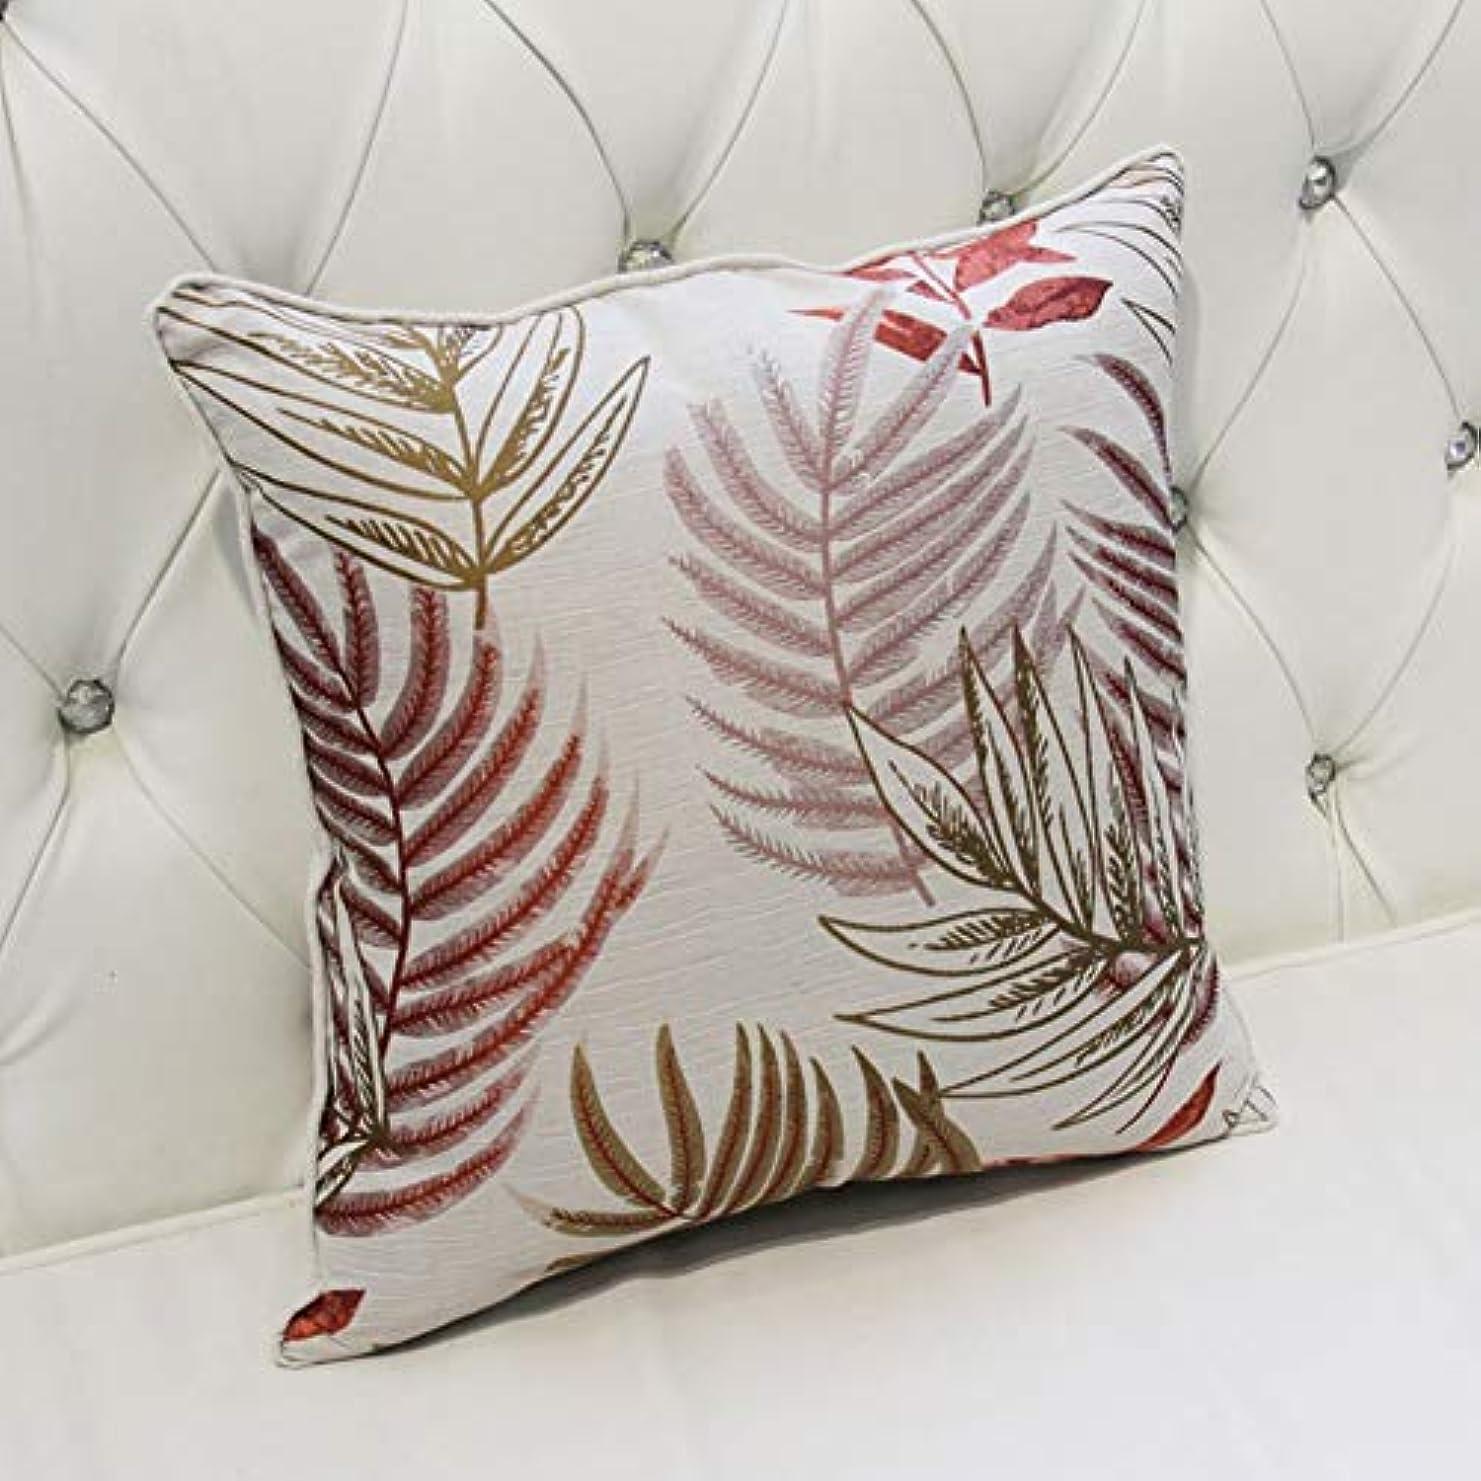 工夫する腰感嘆符18-AnyzhanTrade 枕カバー綿のソファ枕椅子ベッドサイドウエスト枕 (Color : Style 3)